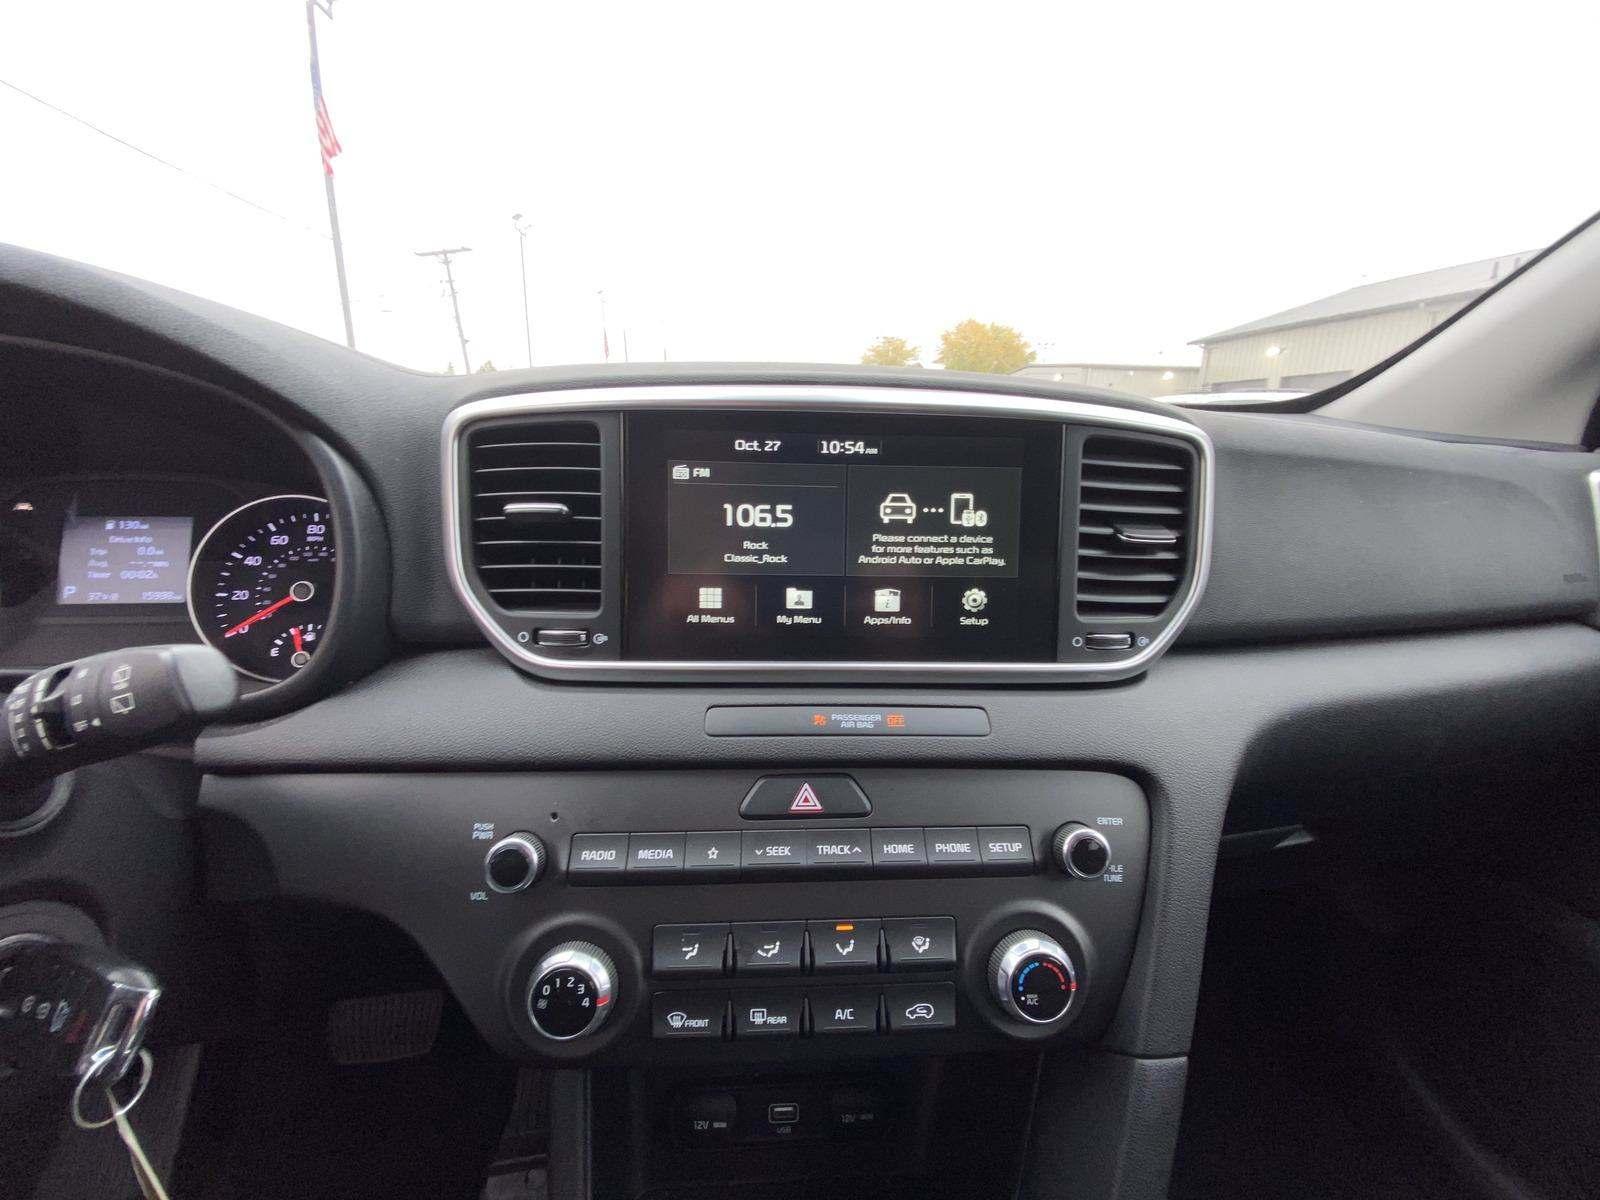 2020 KIA SPORTAGE 4D SUV 2.4L LX* - 7